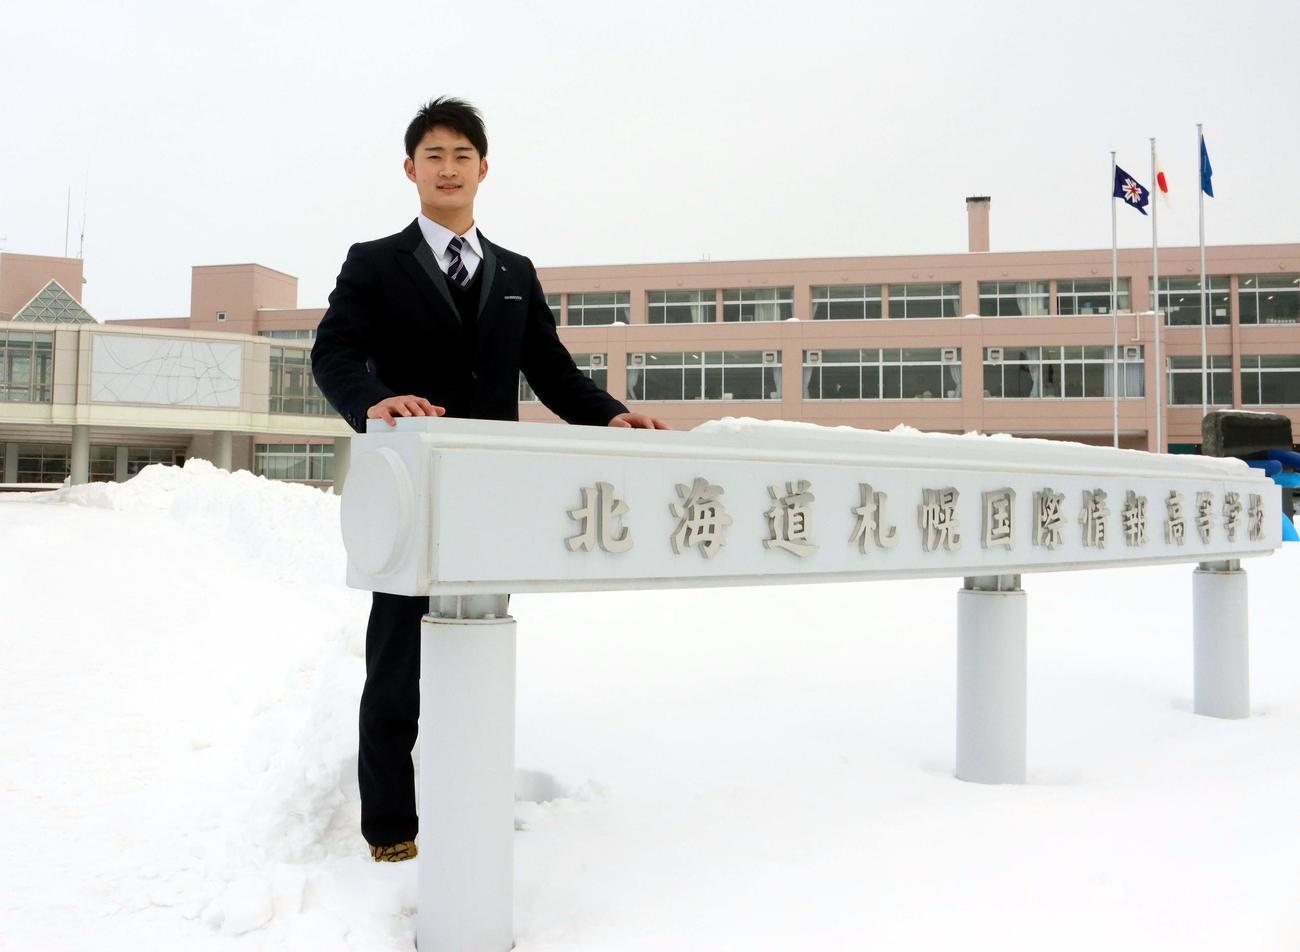 海上保安大学校に合格した札幌国際情報の高橋内野手(撮影・永野高輔)